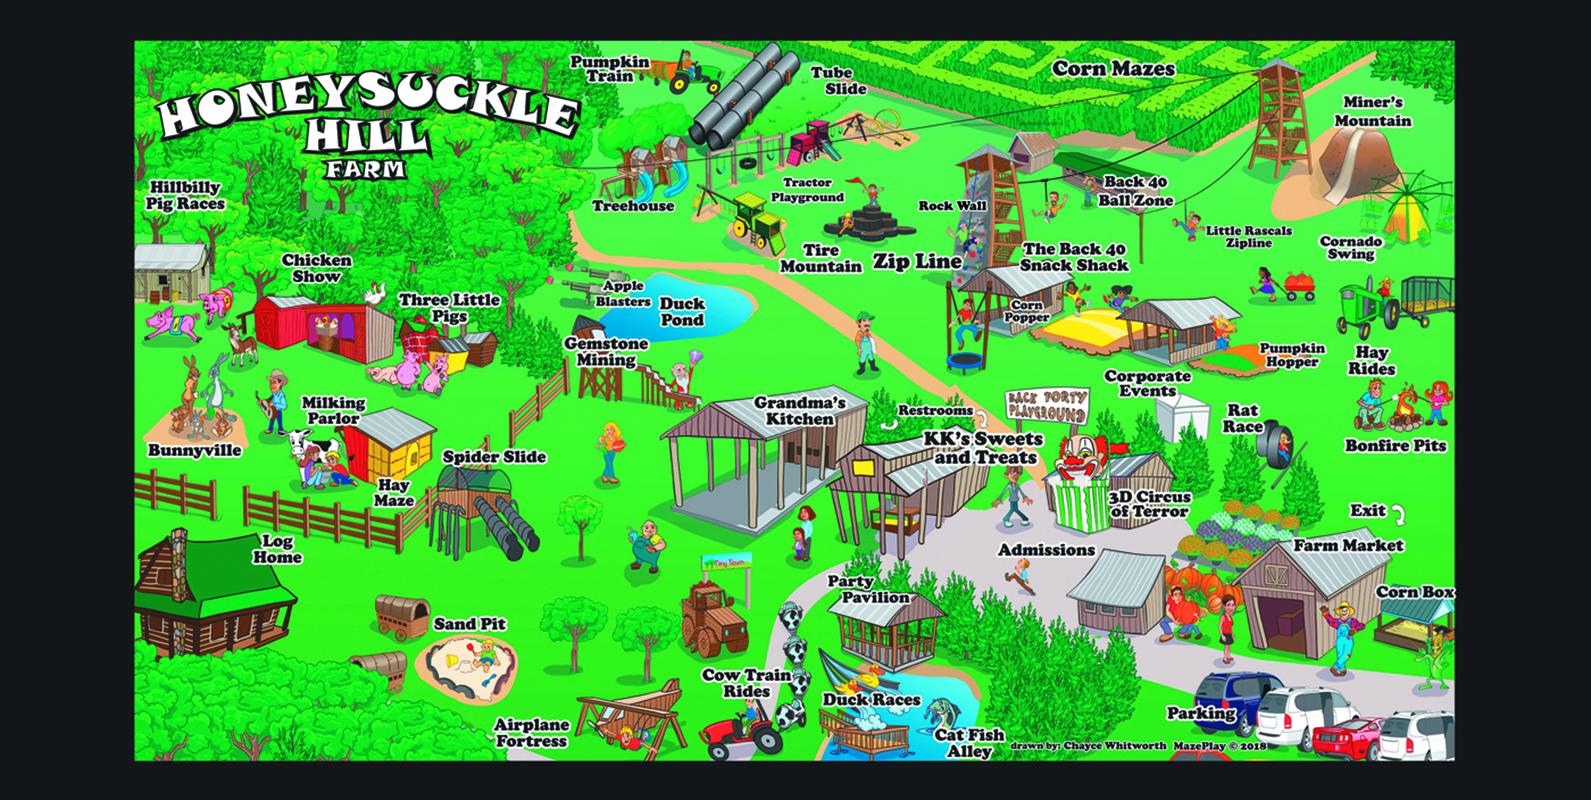 honeysuckle hill farm coupon